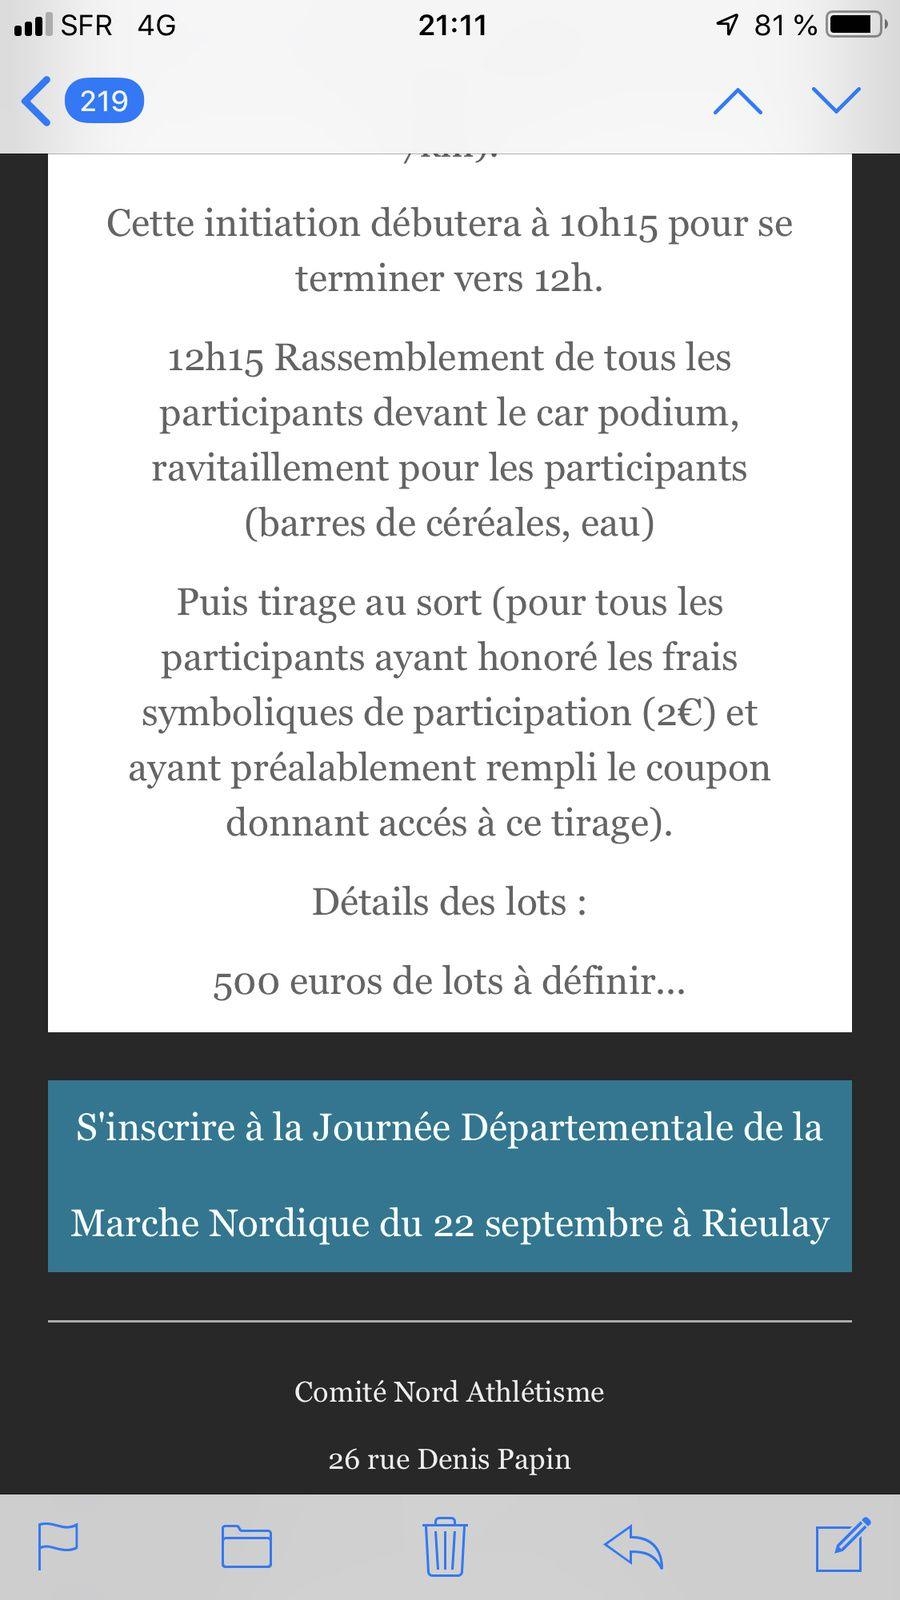 MN à Rieulay le dimanche 22 septembre